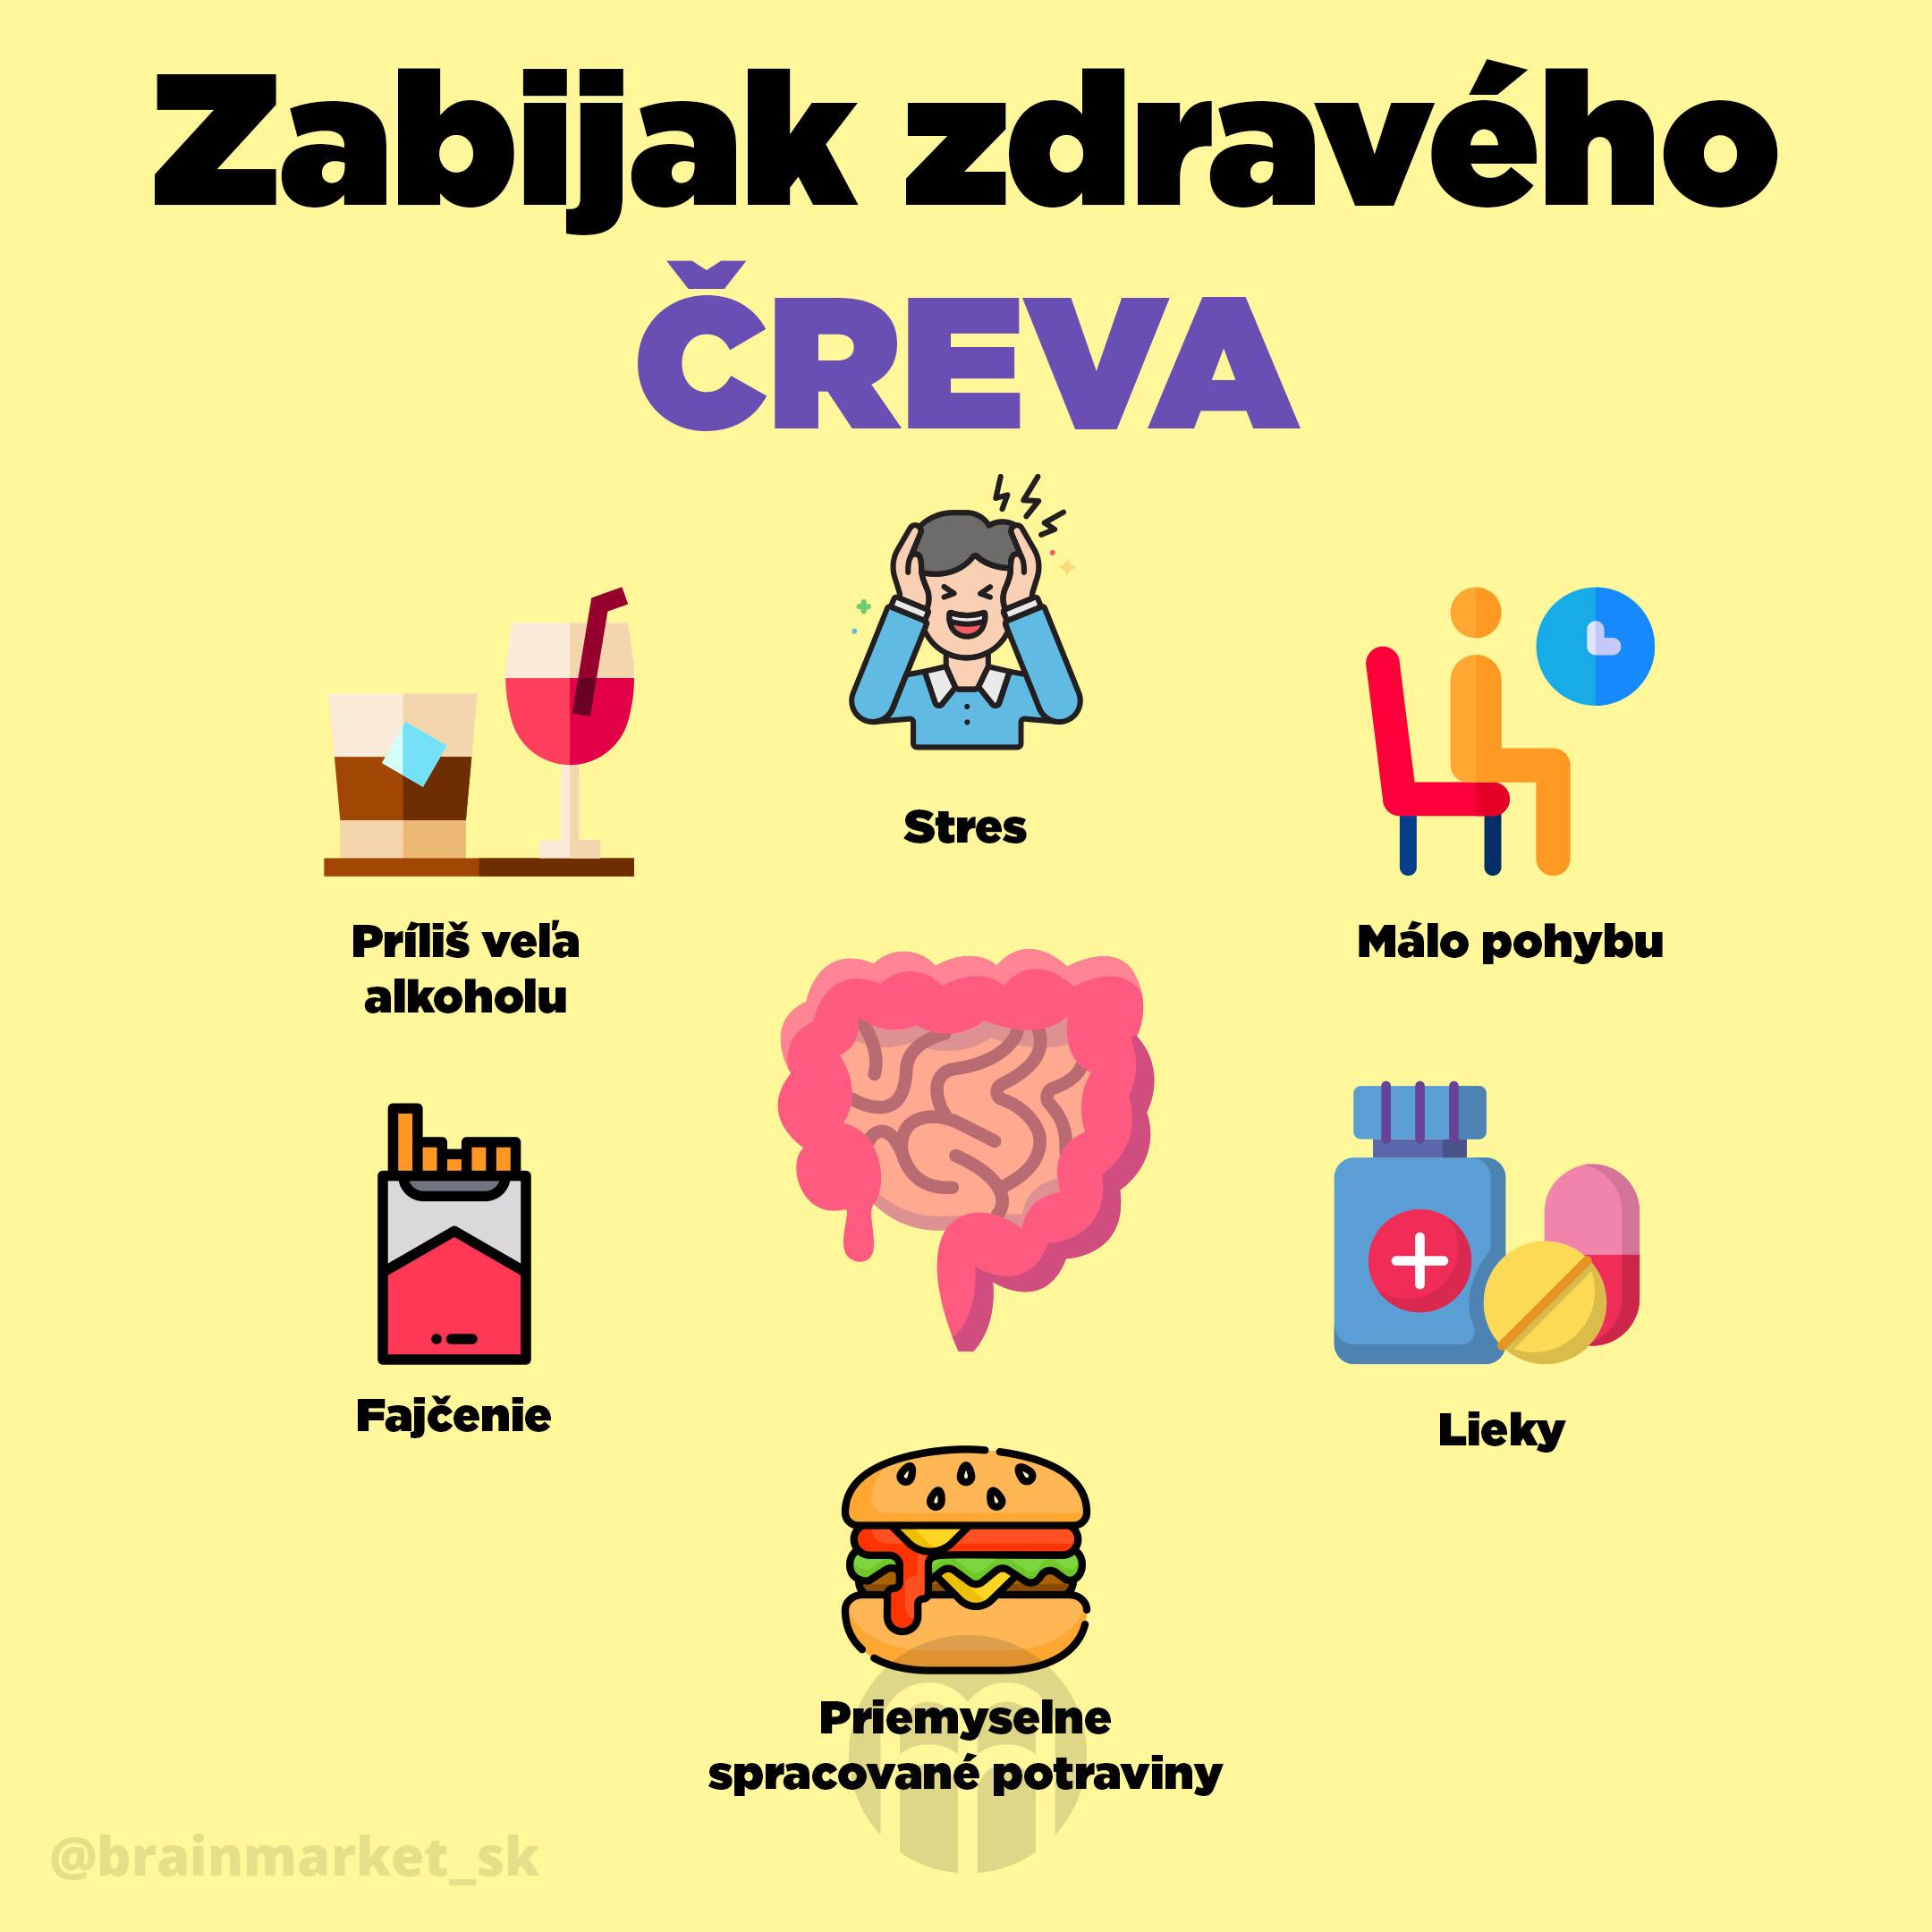 zabijak_zdraveho_creva_sk_Infografika_Instagram_BrainMarket